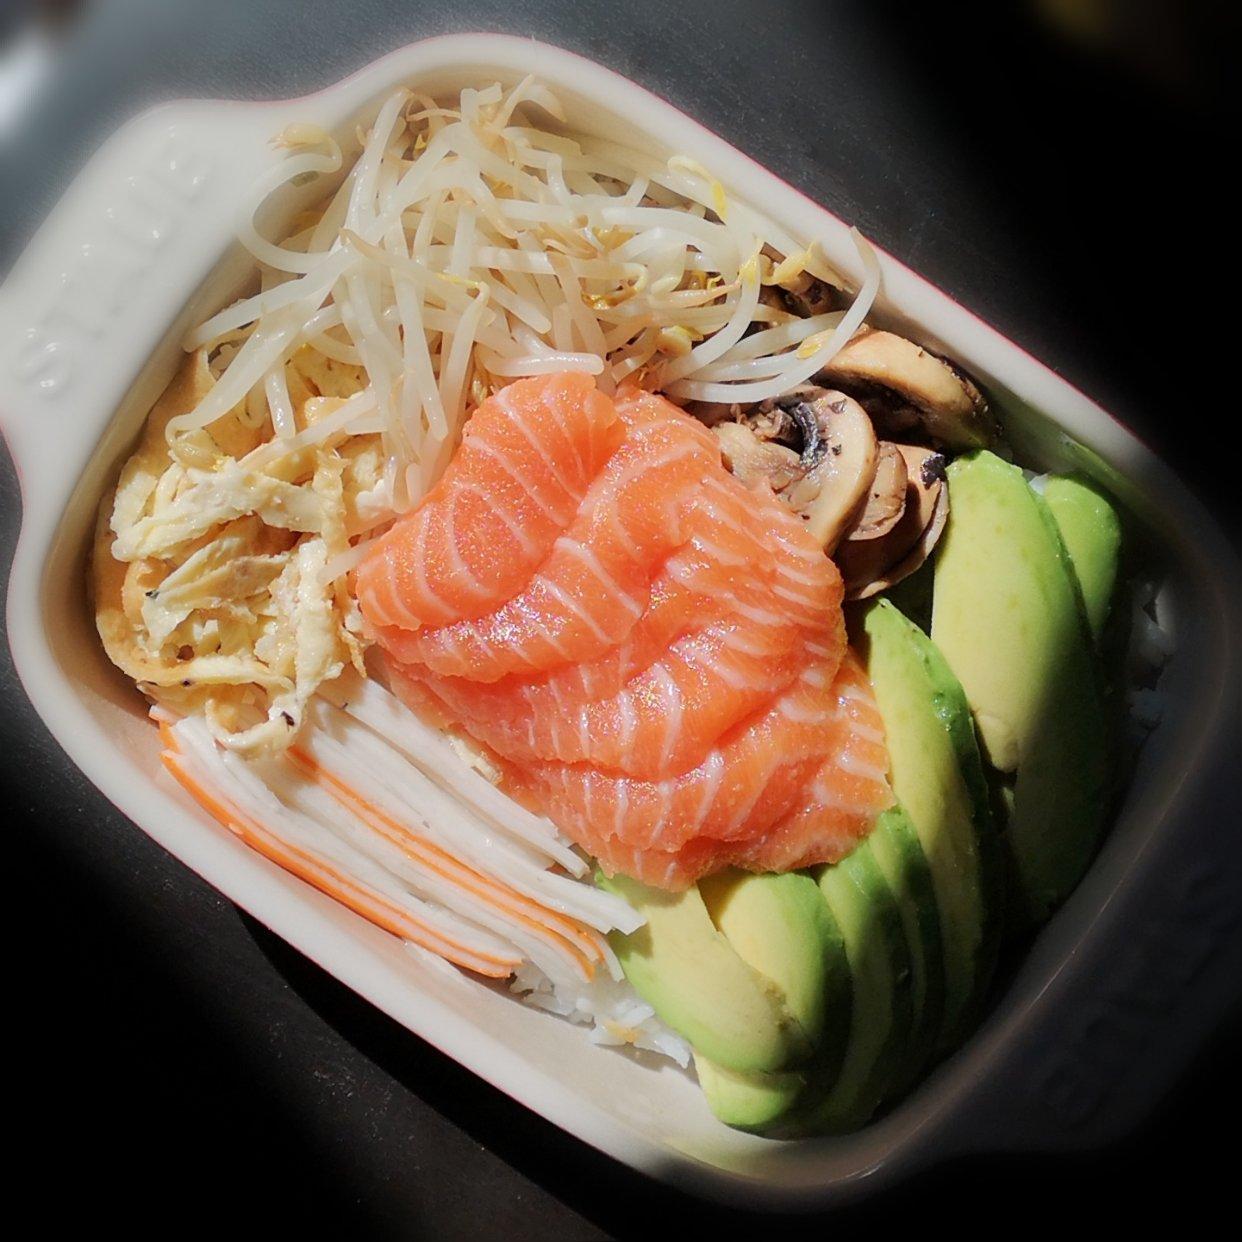 我又买到好吃的寿司三文鱼🐟啦~~